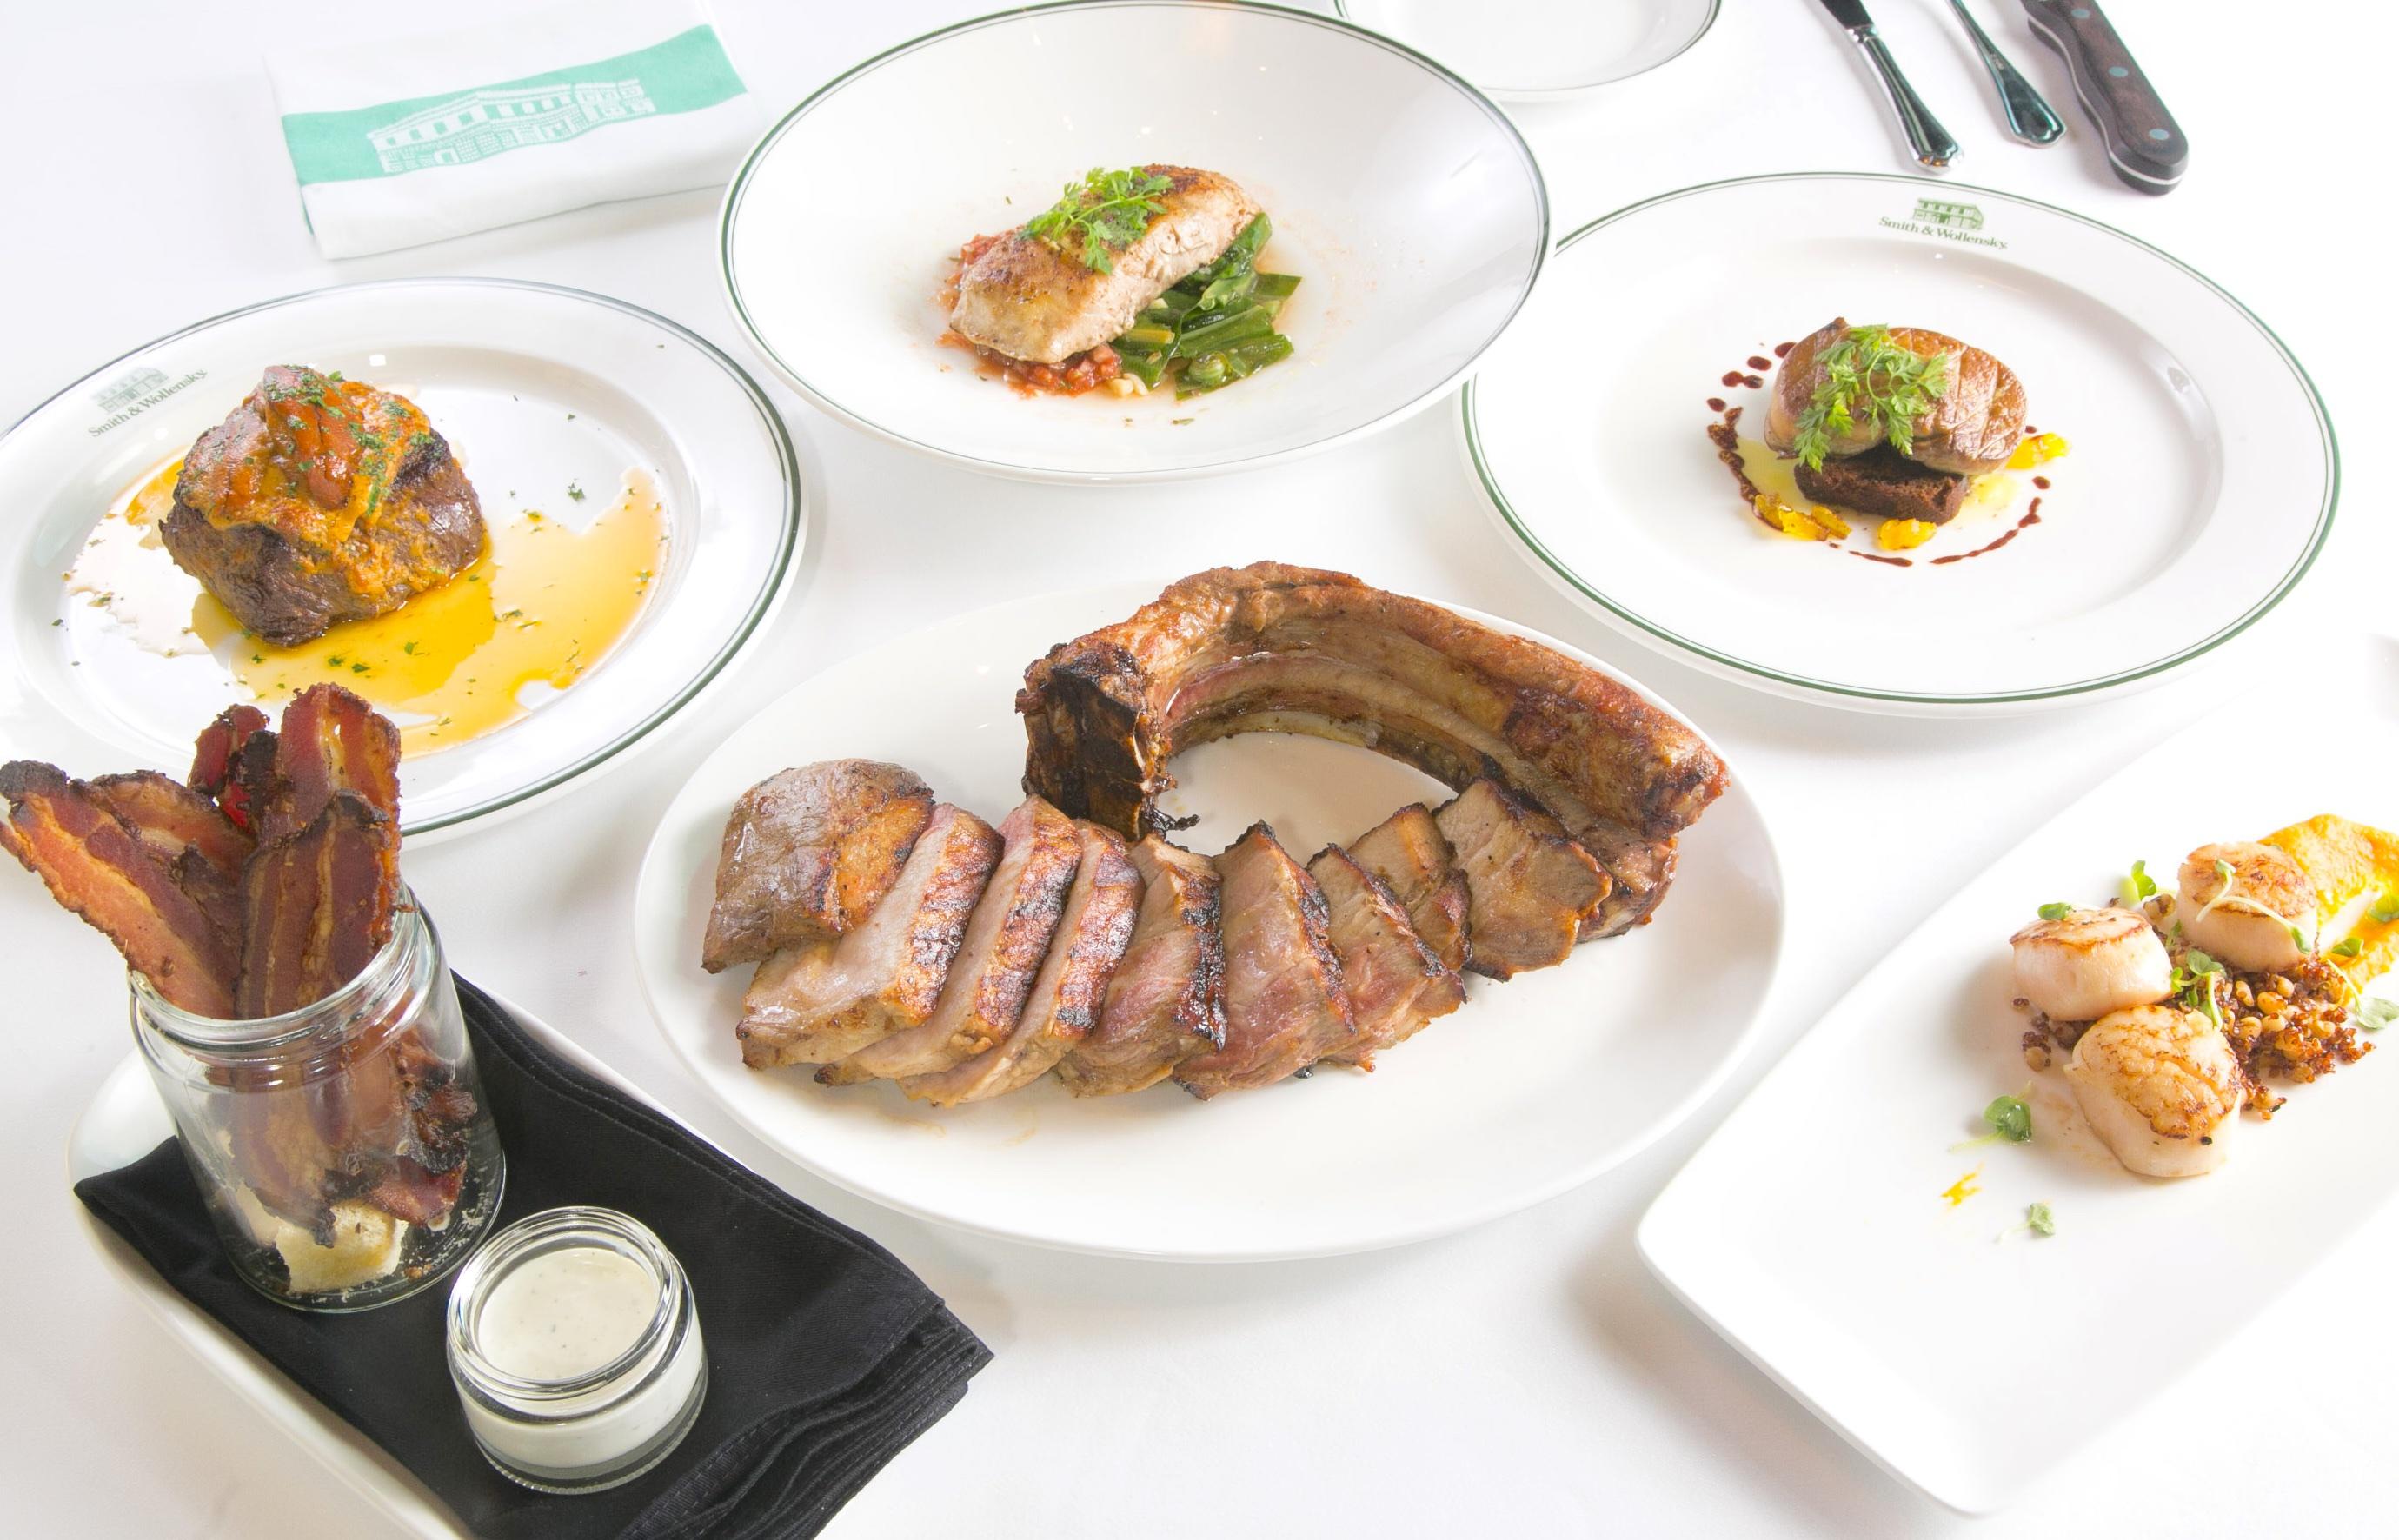 Usda Prime極佳級牛肉&多元化的獨家美味菜色